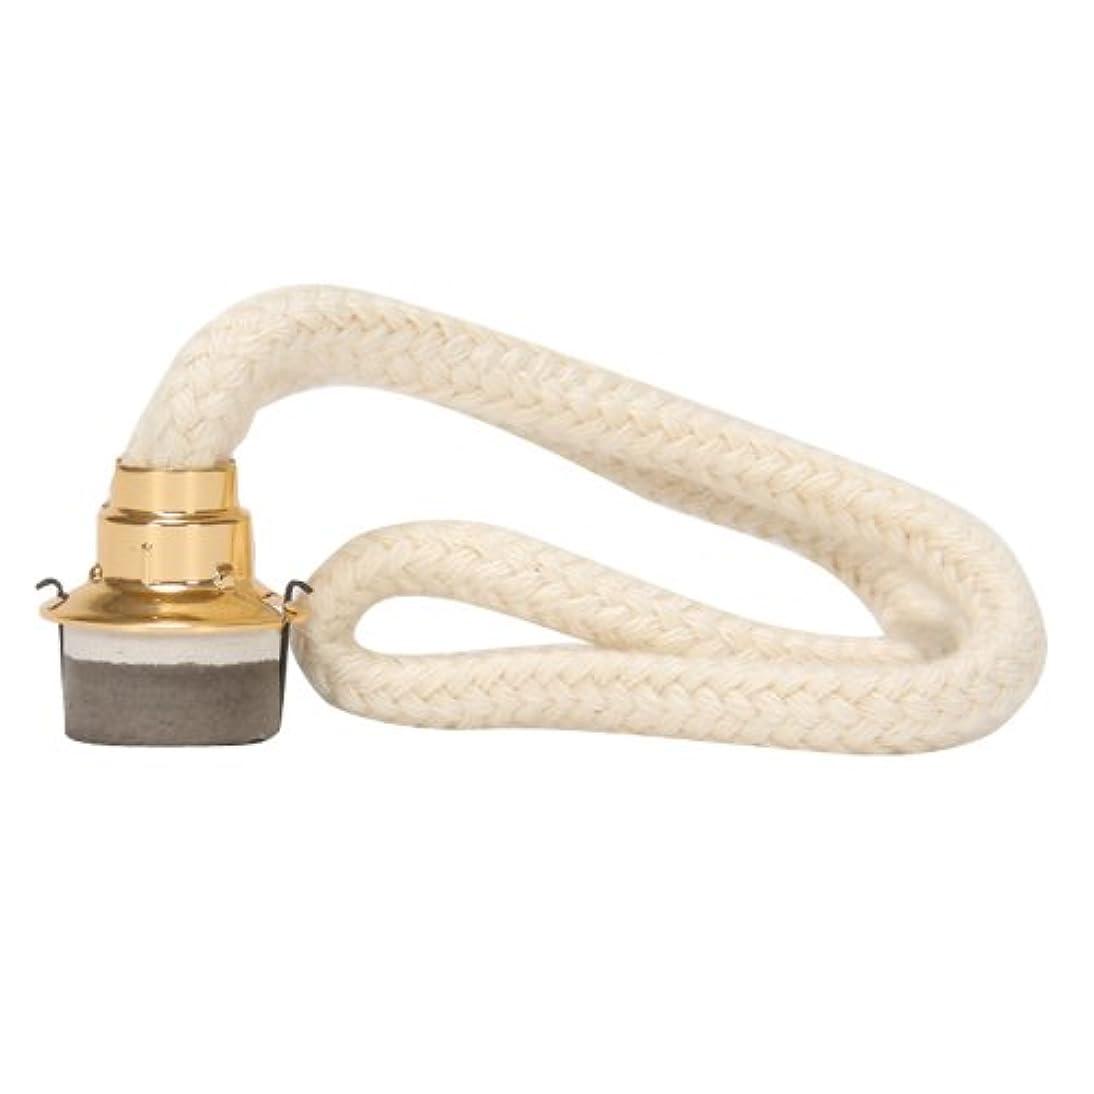 ラ?ボーテ ラージランプ用 セラミックバーナー (ゴールド) ランプベルジェ アロマランプ 使用可